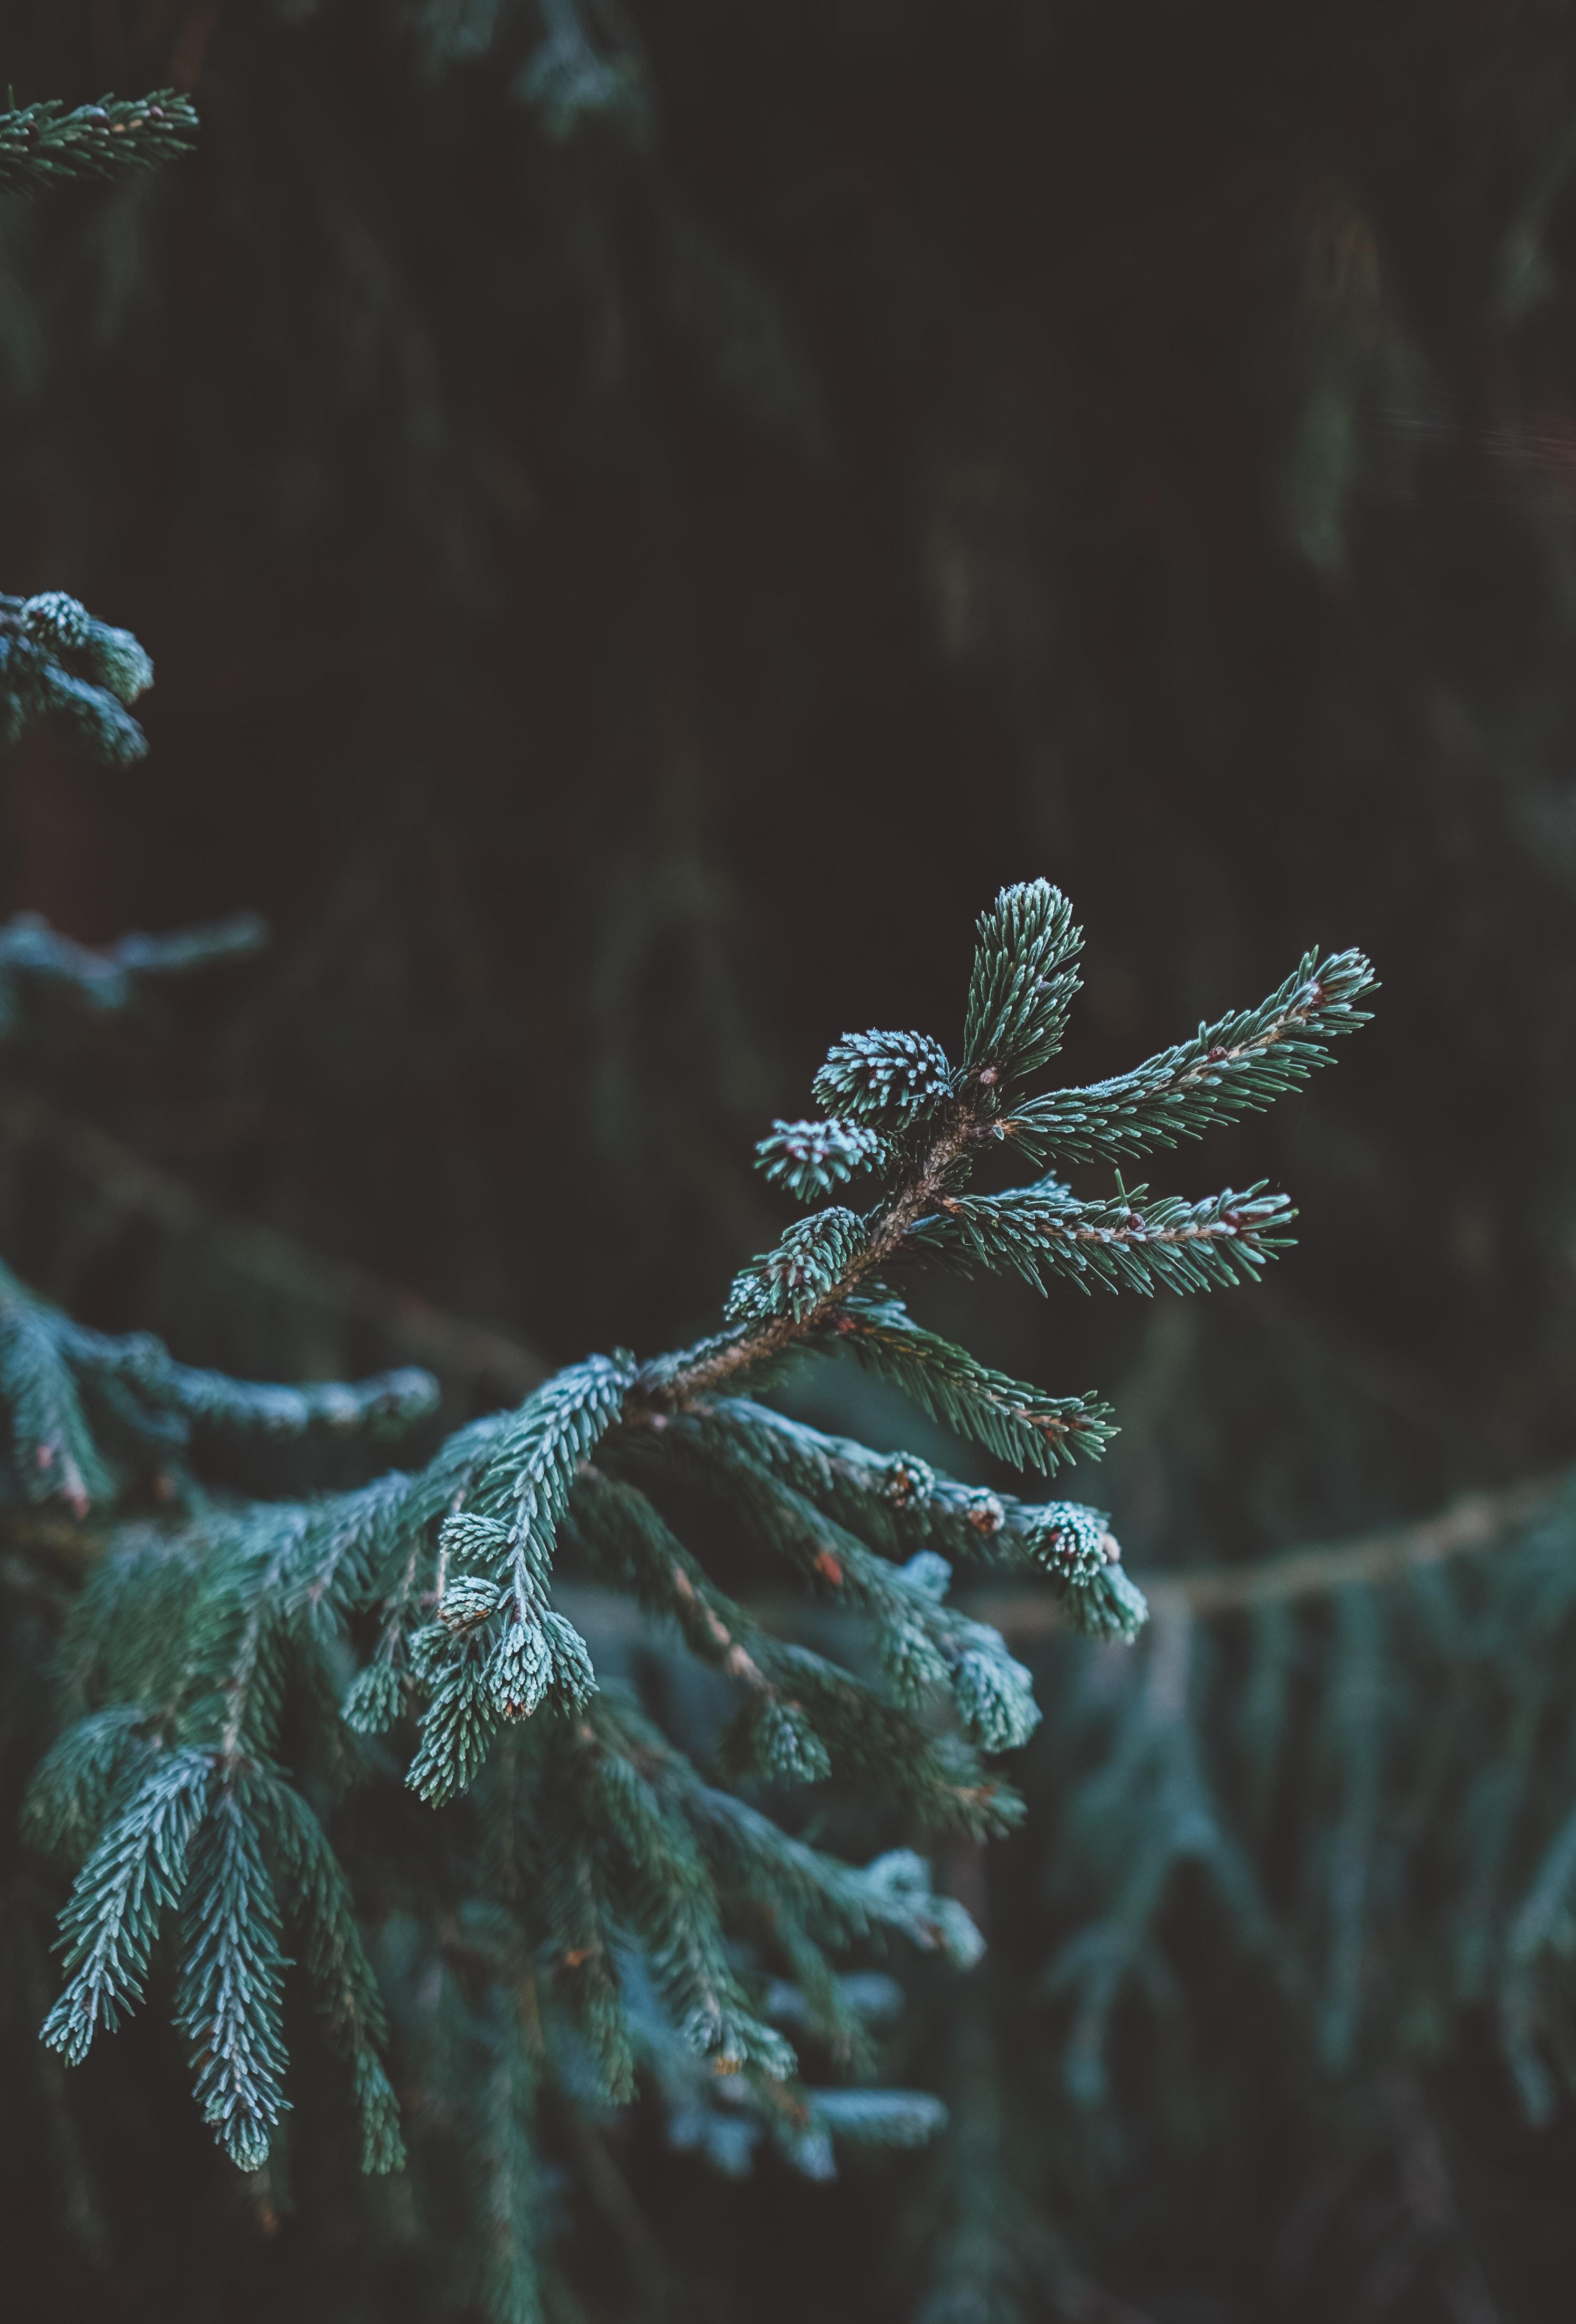 green fir tree in tilt shift lens photography